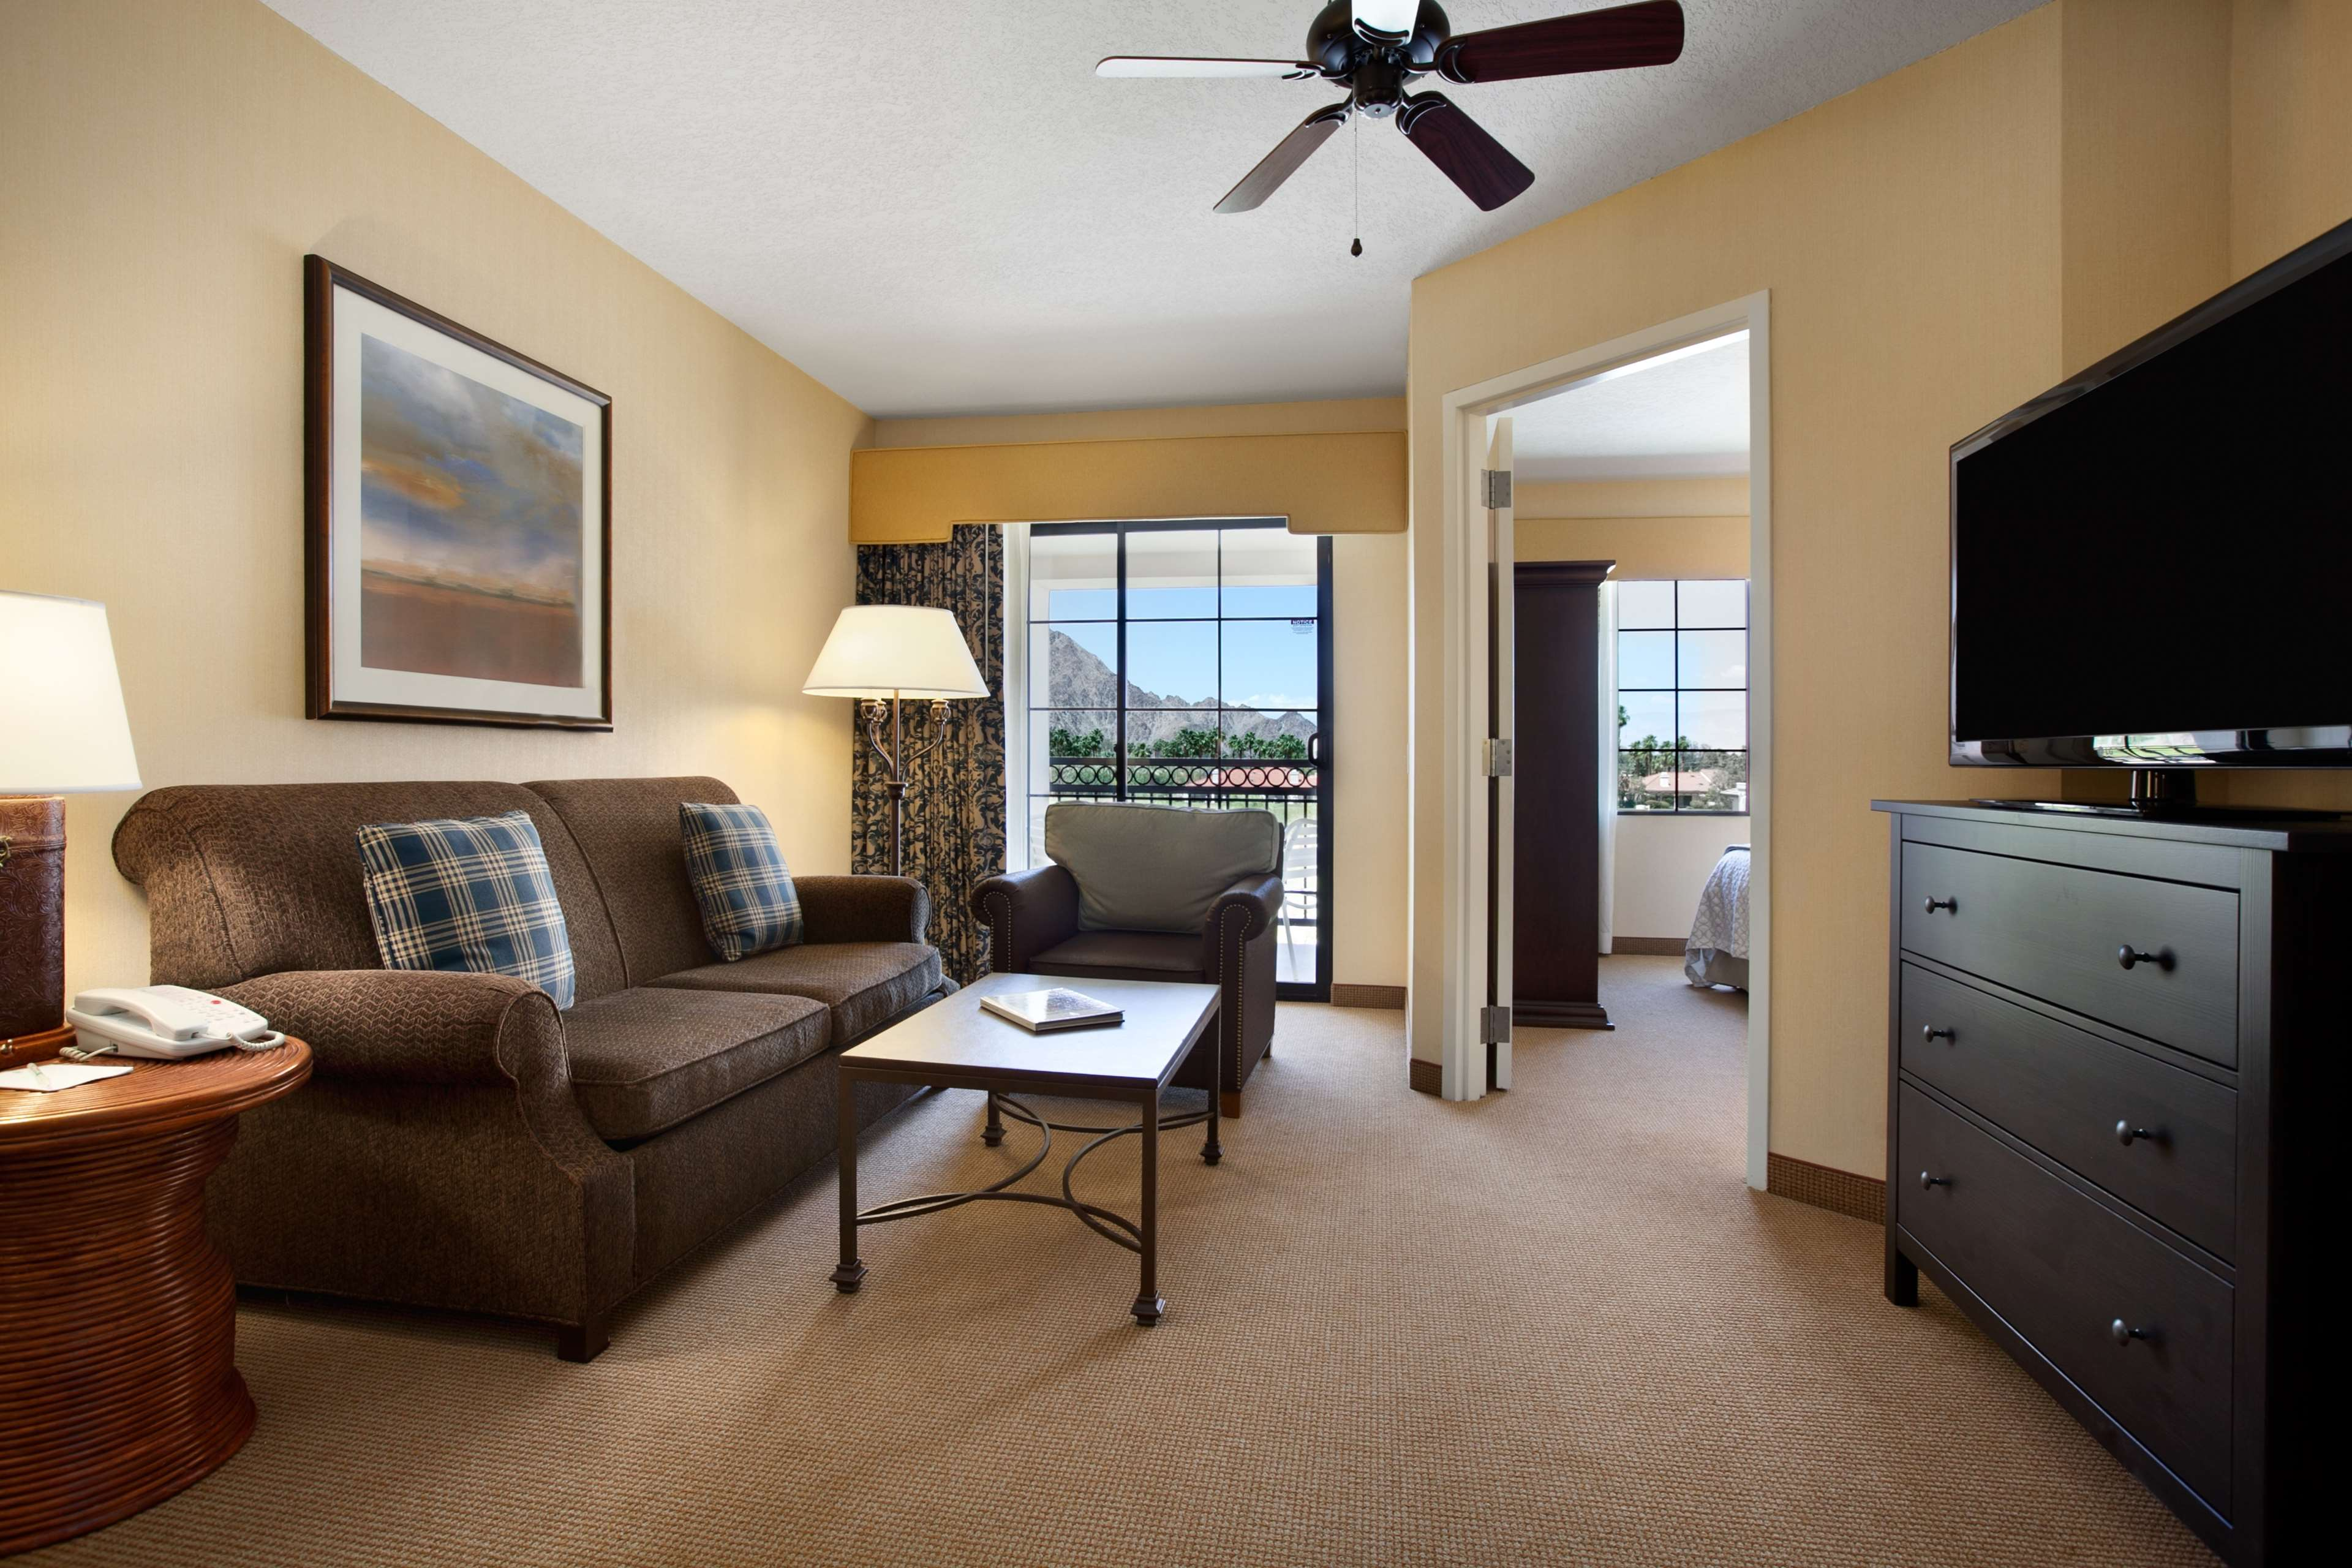 Embassy Suites by Hilton La Quinta Hotel & Spa image 18